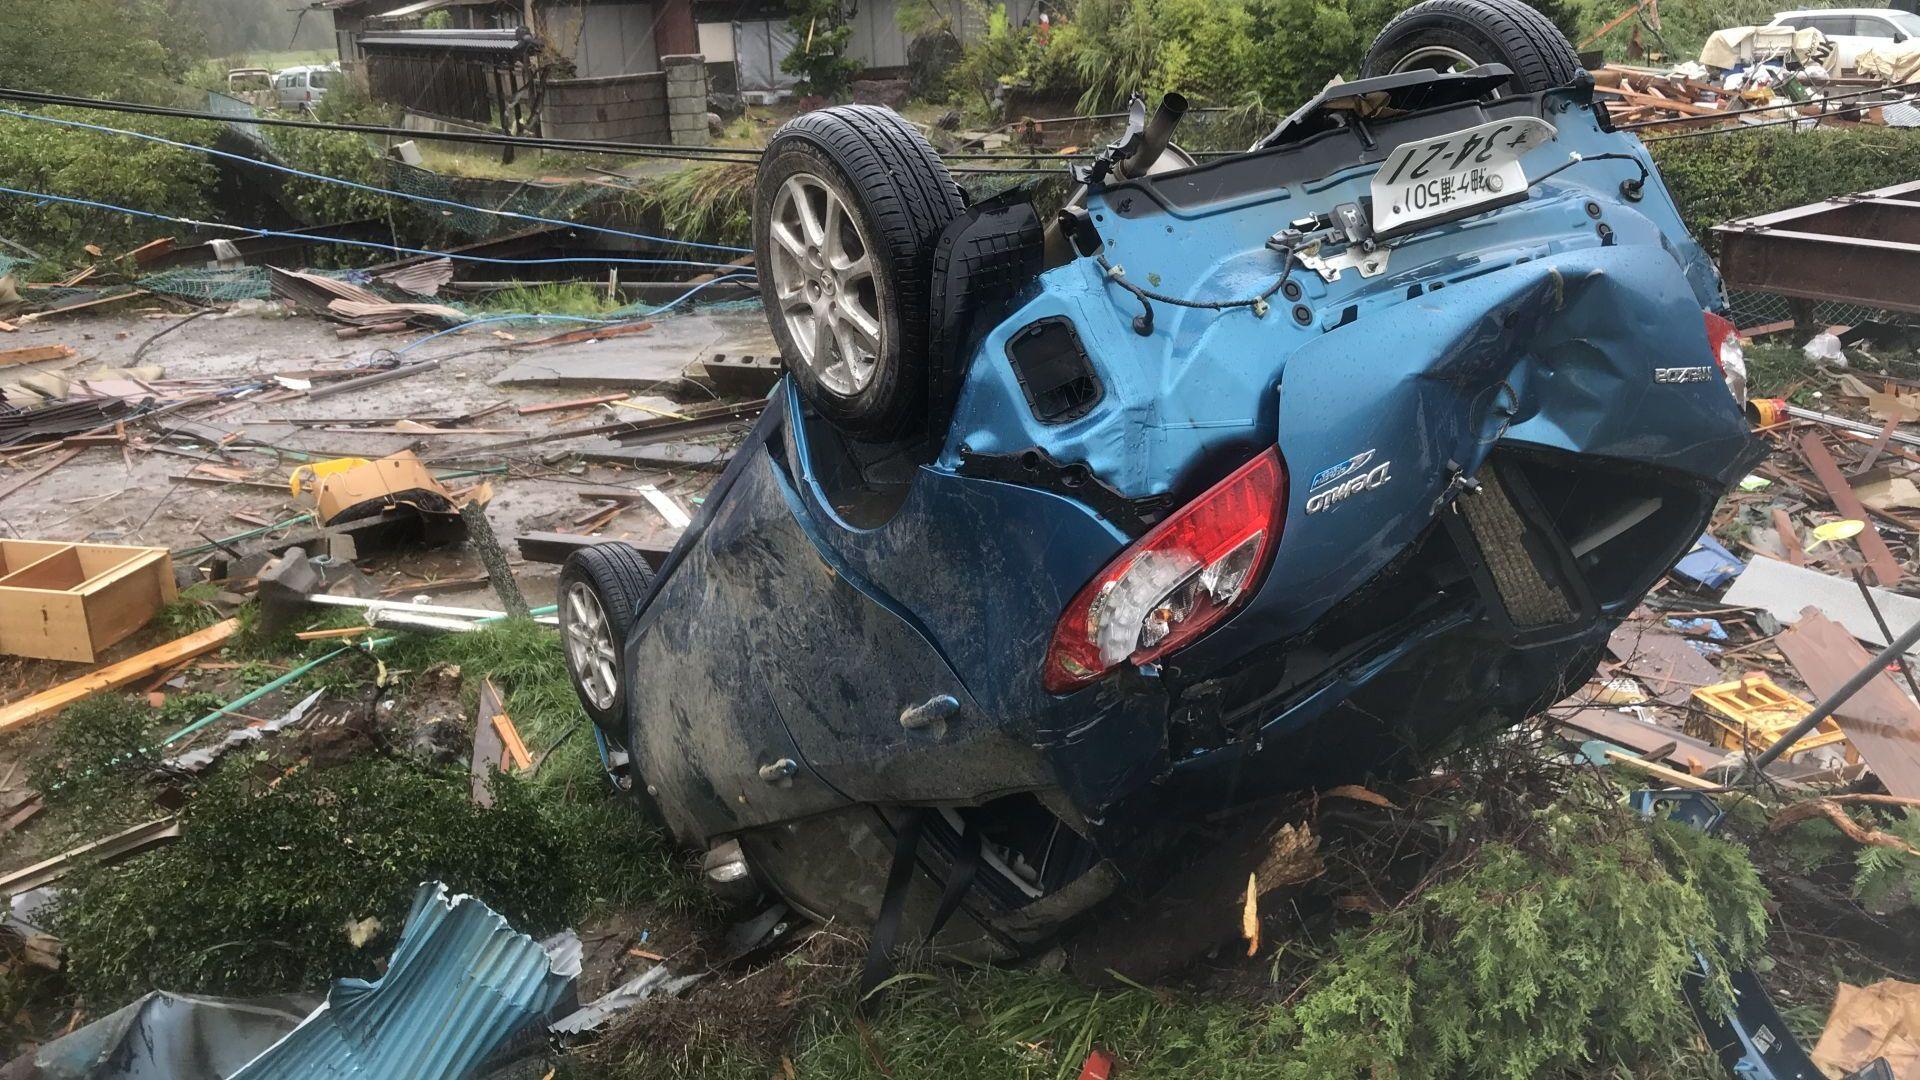 Тайфунът Хагибис уби вече 19 души и причини наводнения и свлачища в Япония (снимки, видео)